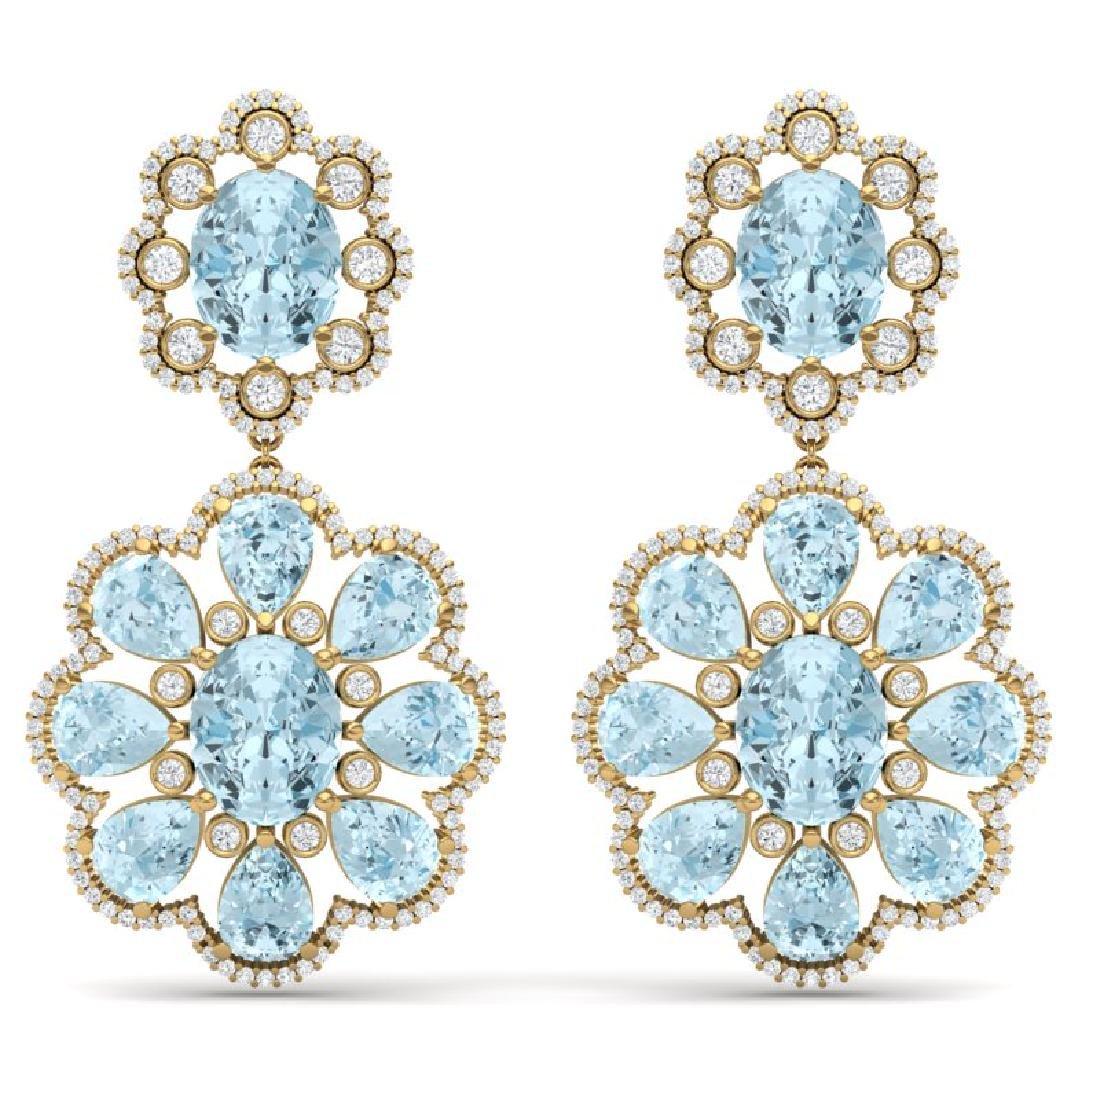 32.99 CTW Royalty Sky Topaz & VS Diamond Earrings 18K